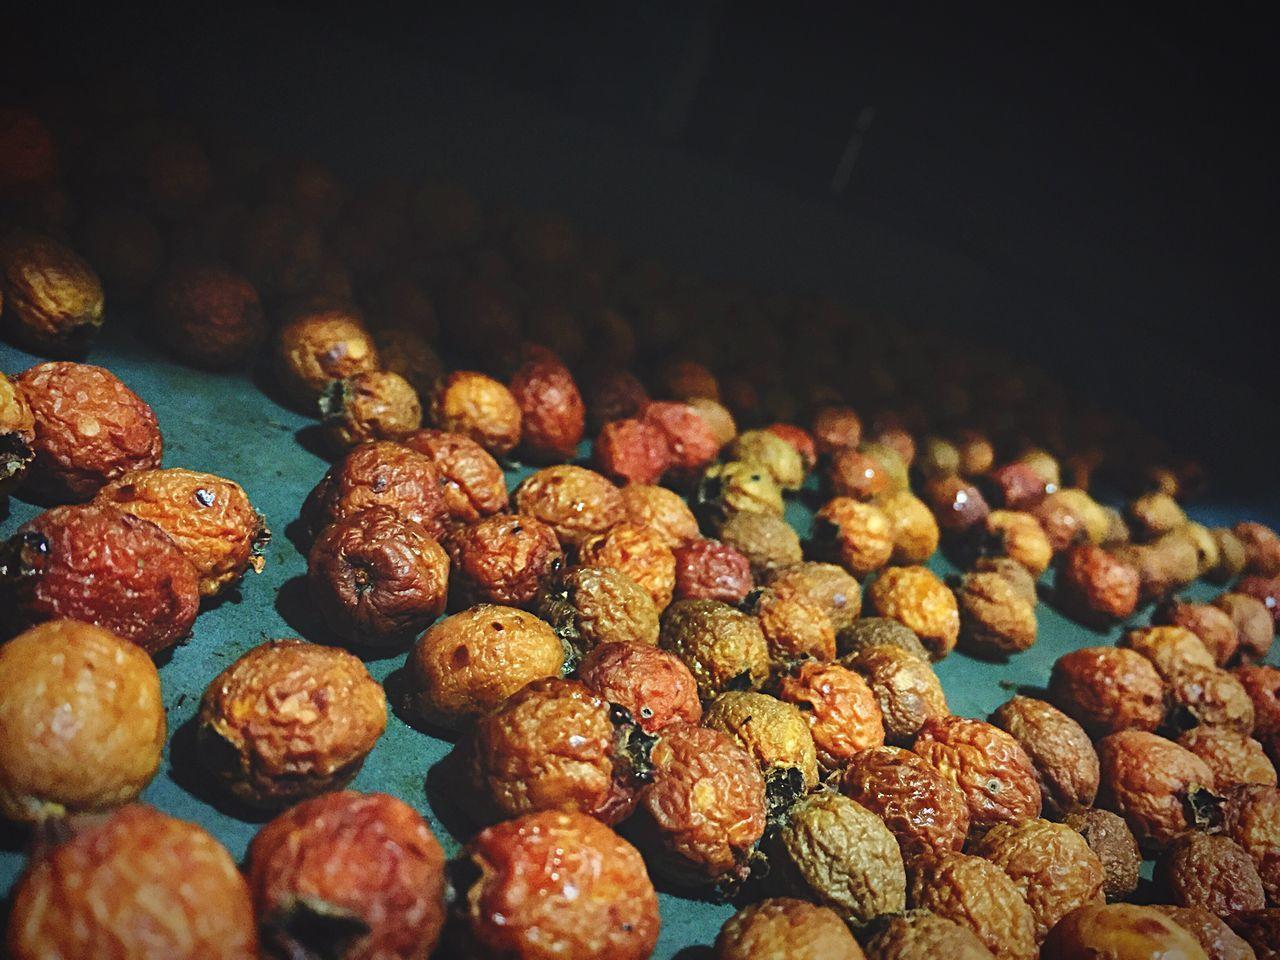 Tilt Shot Of Dried Fruit On Table